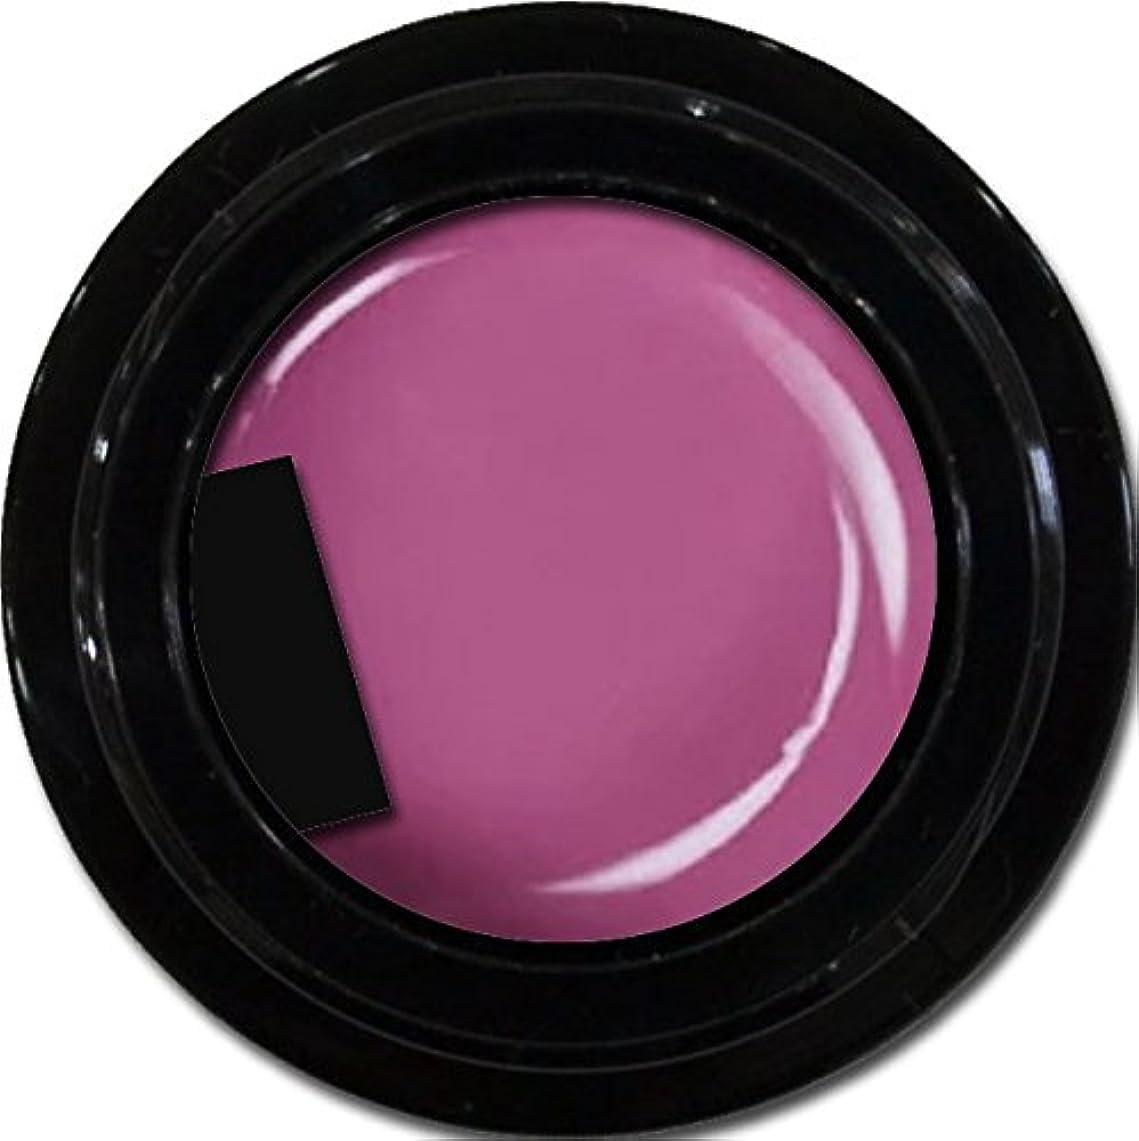 動揺させる社会主義オークランドカラージェル enchant color gel M513 RubyViolet3g/ マットカラージェル M513ルビーヴァイオレット 3グラム